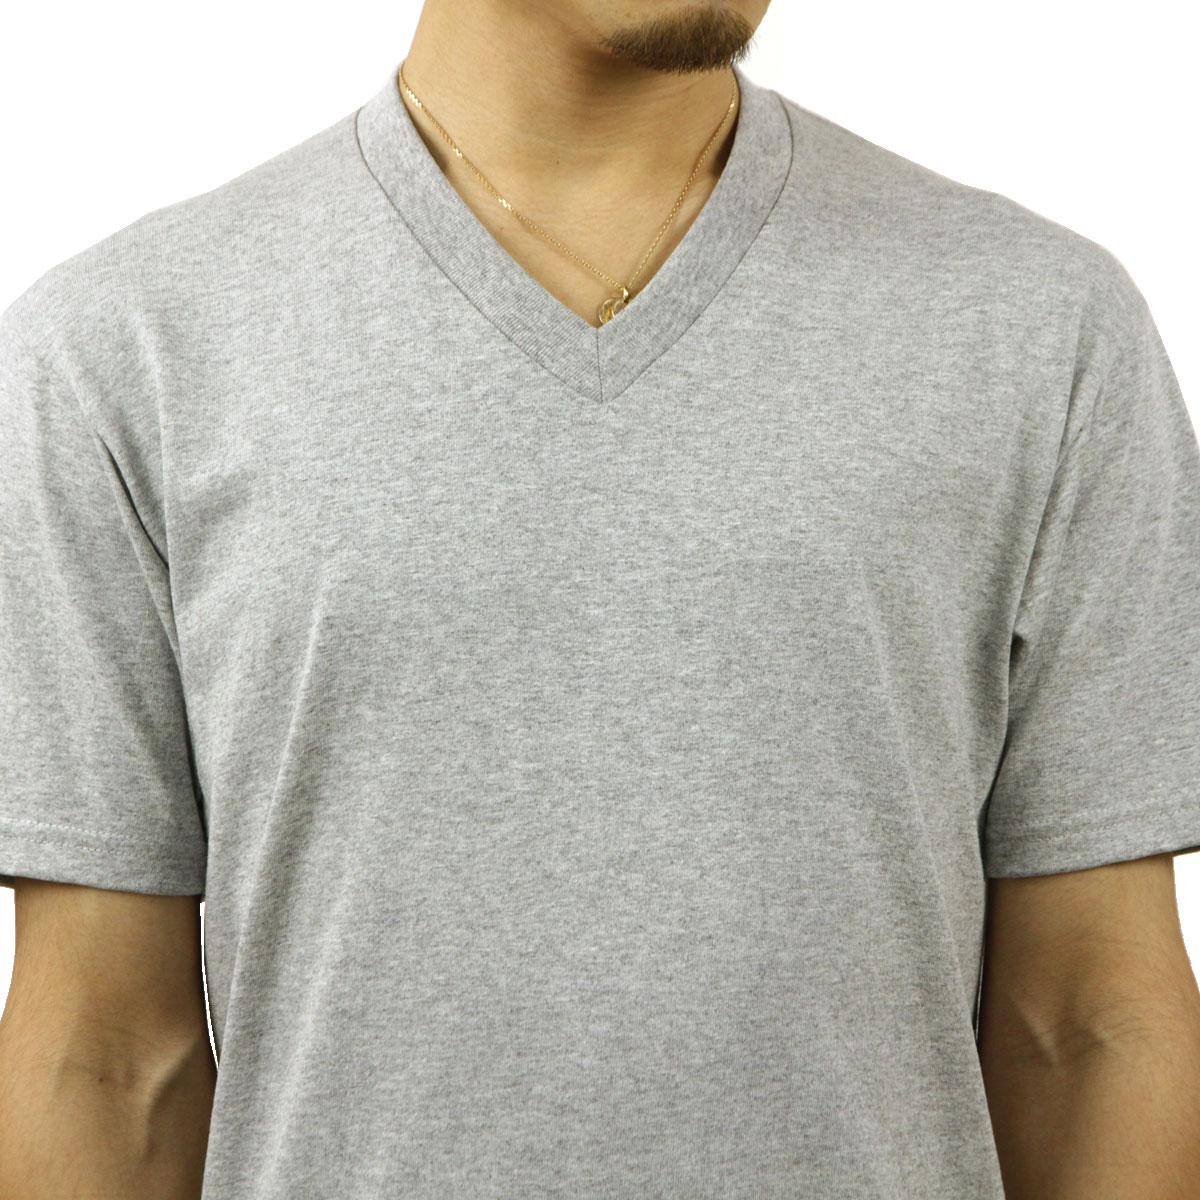 プロクラブ Tシャツ メンズ 正規販売店 PROCLUB 半袖Tシャツ VネックTシャツ COMFORT SHORT SLEEVE V-NECK TEE HEATHER GREY #106 AB6B B1C C1D D1E E02F